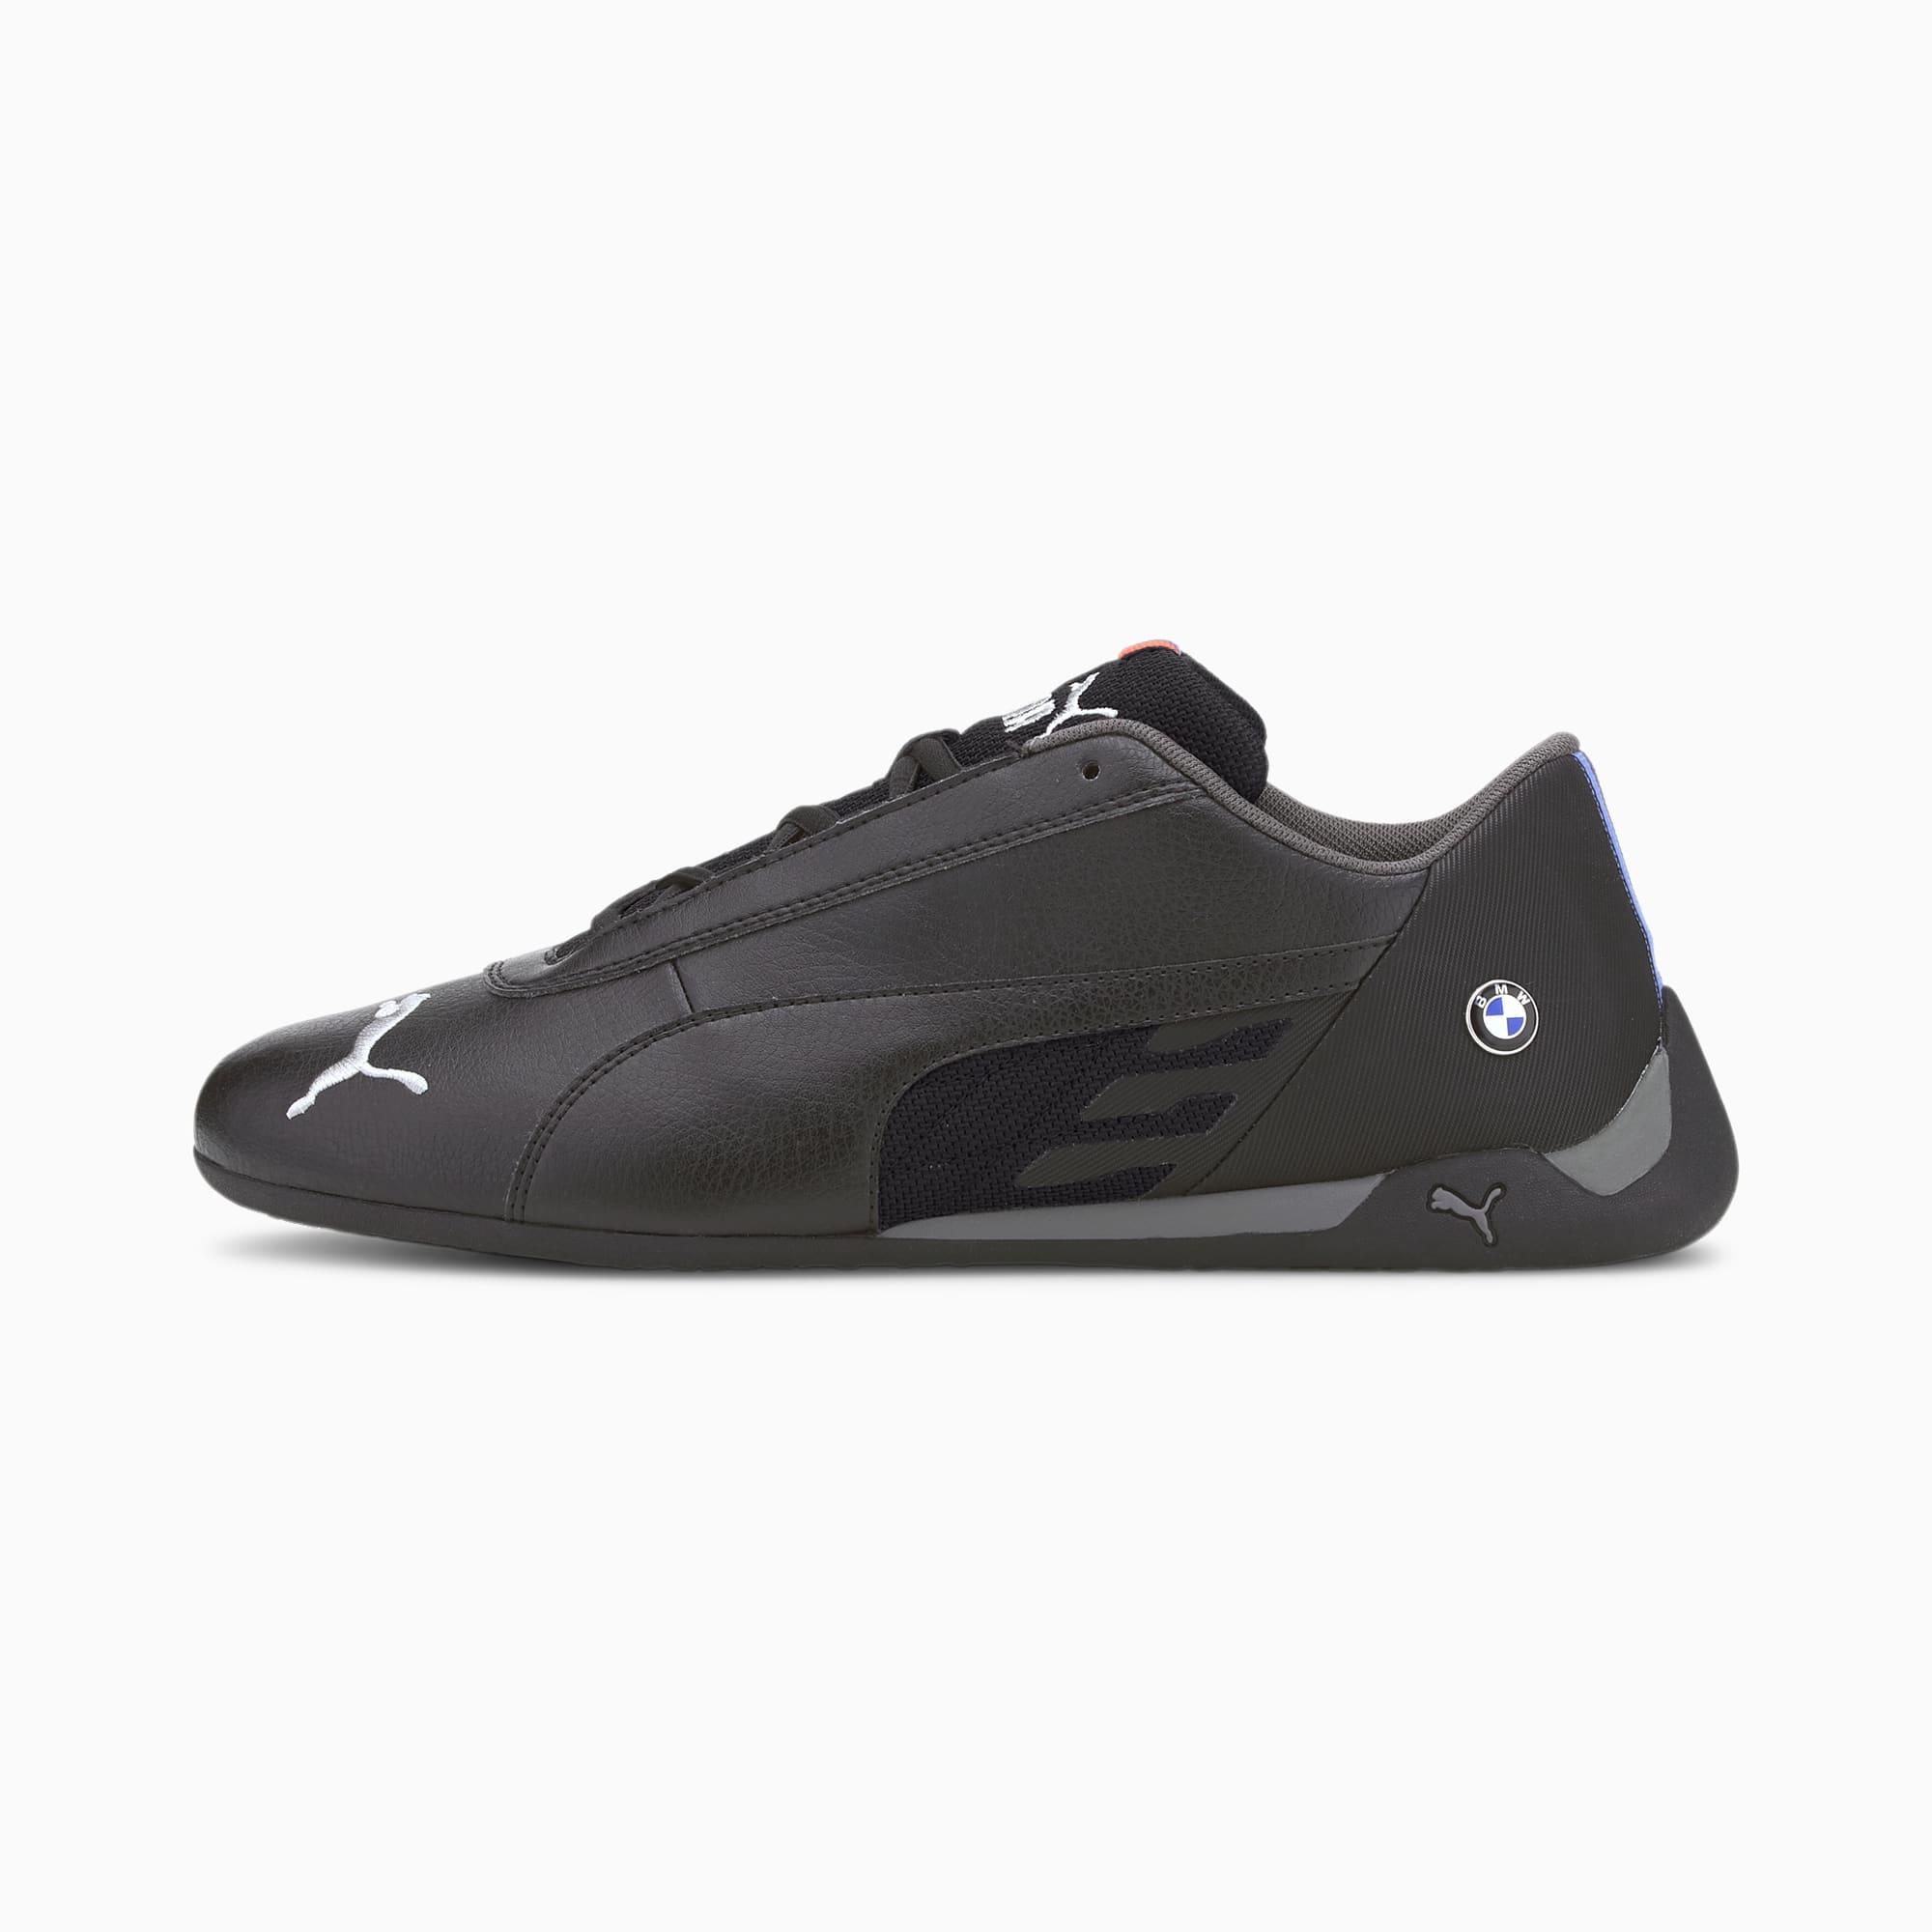 PUMA Chaussure de course BMW M Motorsport R-Cat, Noir, Taille 35.5, Vêtements